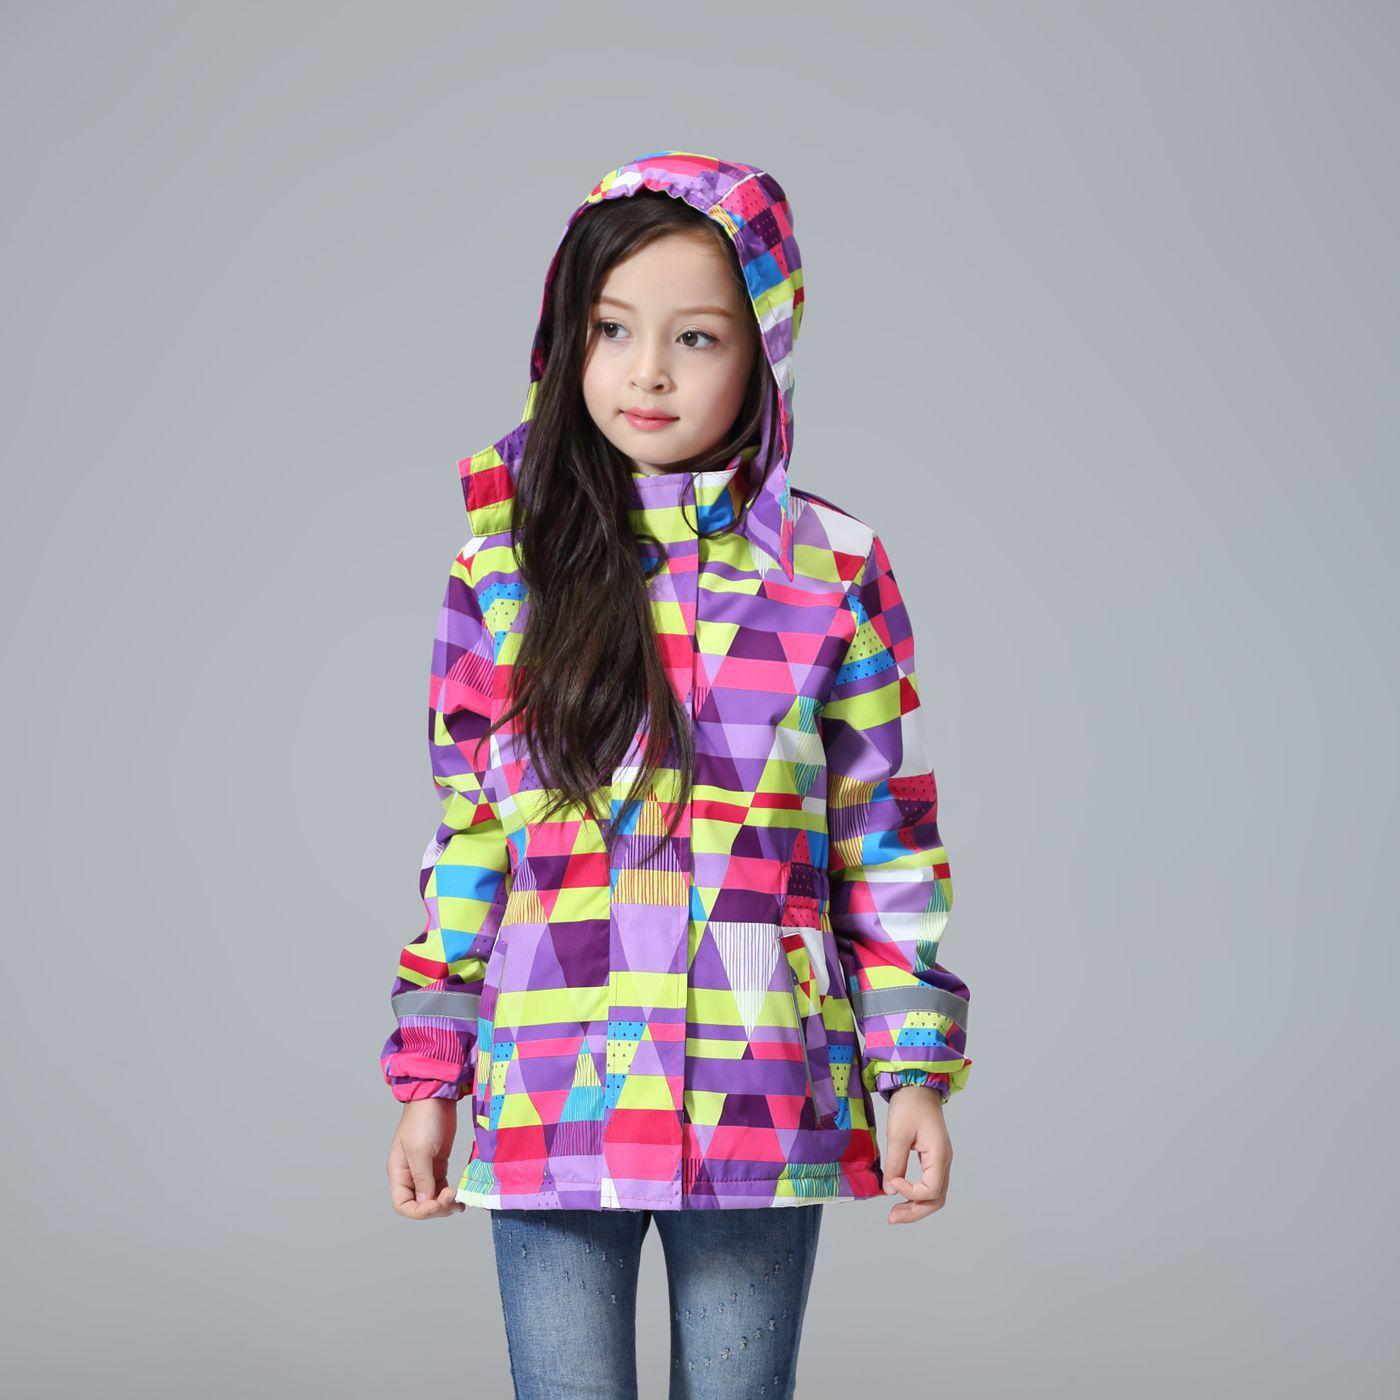 Су өткізбейтін балалардан жасалған сыртқы киімдер Нәресте қыздарға арналған курткалар Балалар пальто жылы полярлық жүн 3-12T үшін күзгі көктем